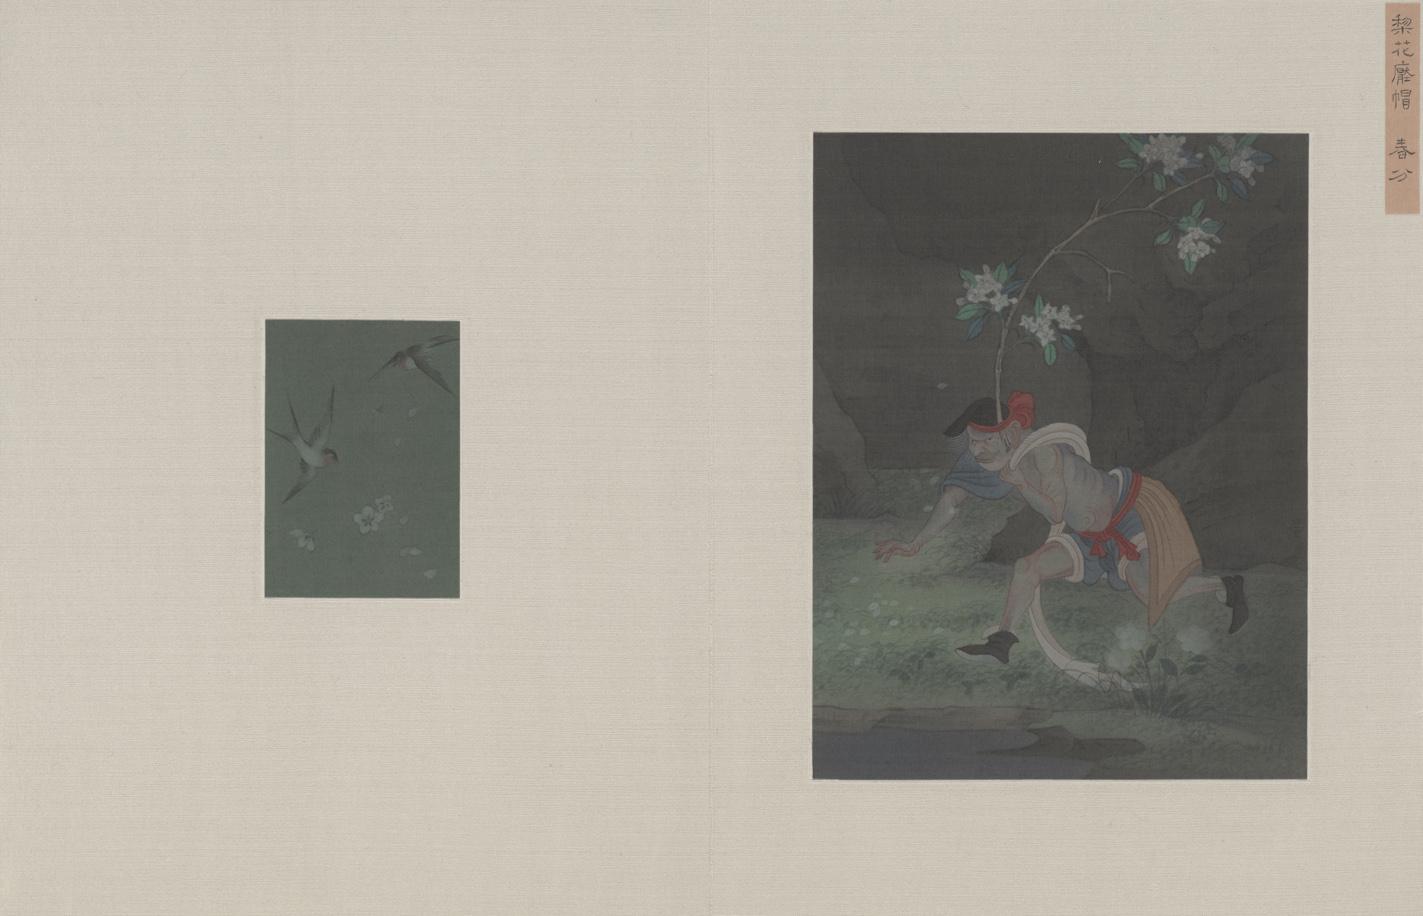 2梨花壓帽-春分 絹本重彩 右 17x22 cm 左 6.5x9.5 cm  2013